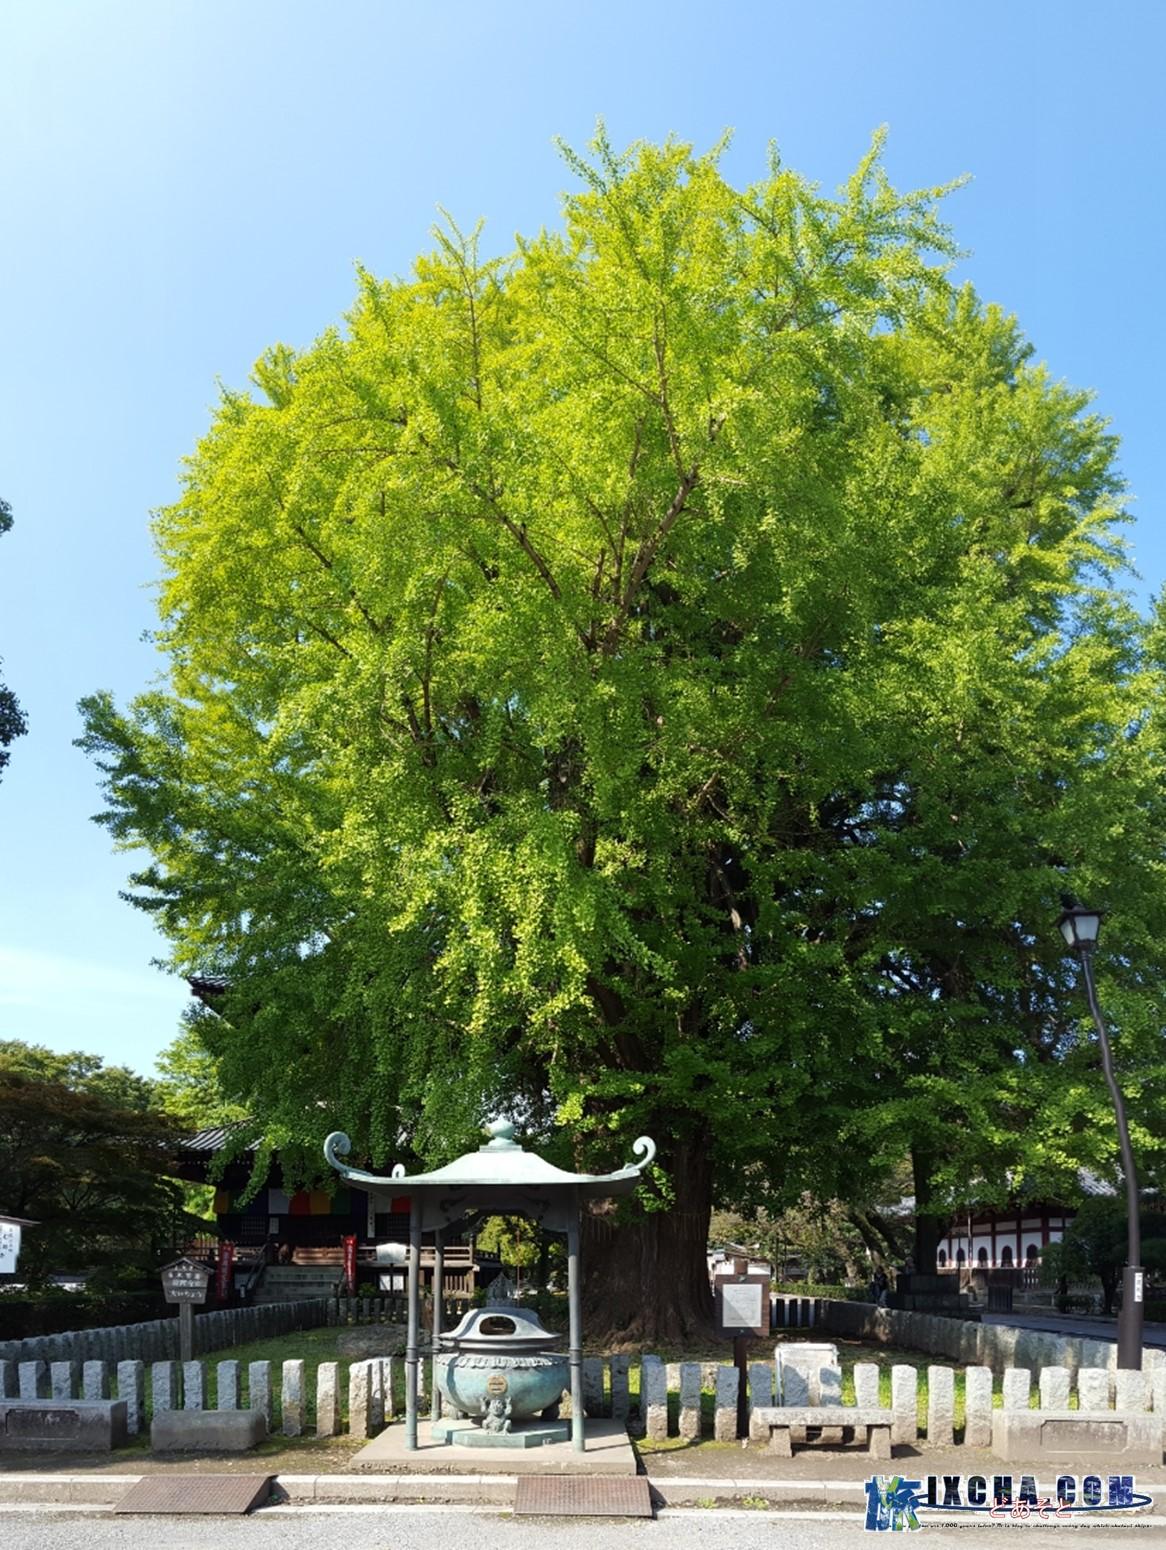 また、横には栃木県の名木百選にも選ばれる樹齢約550年の「鑁阿寺の大いちょう」の樹があります。 この樹は、開基 足利義兼による御手植えと称され江戸時代には既に大木となっていたと伝わるが、鎌倉時代の古地図には載っておらず、また約800年前を生きた足利義兼が、樹齢約550年の樹を植えれる訳もないので、格式を高める為の誤伝だと思われます。 550年前とは室町時代に辺り、樹の成長速度から考えて江戸時代には大木になっているのは理に適っています。 高さが30㍍あるこの巨木は、境内における避雷針の役割りを果たしており、諸堂の災厄を守護をしております。 また、昔は、この前でお見合いが行われる等、縁結びの御神木とも伝わります。